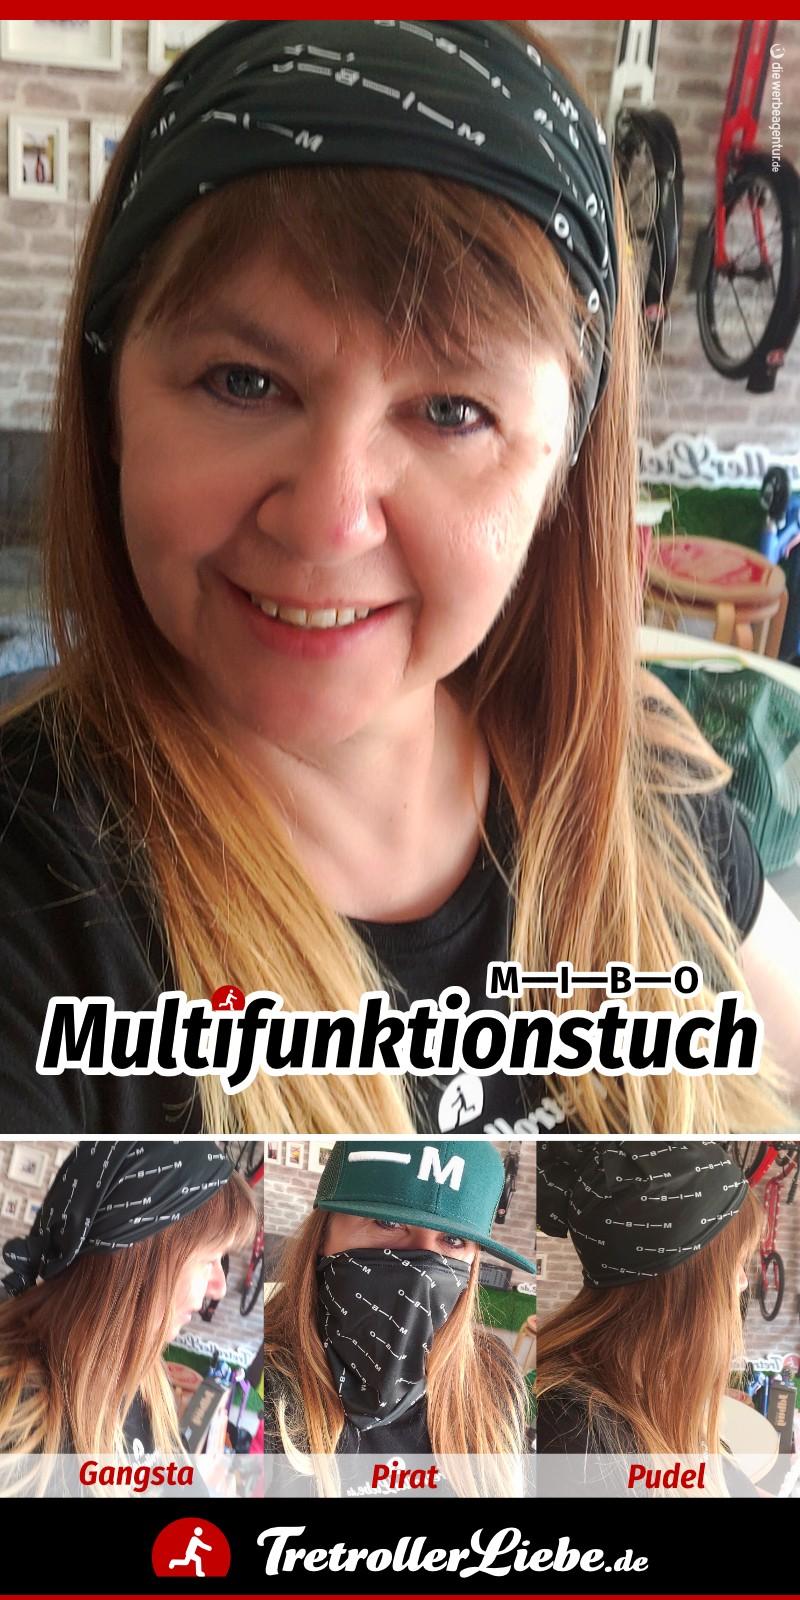 Mibo Multifunktionstuch